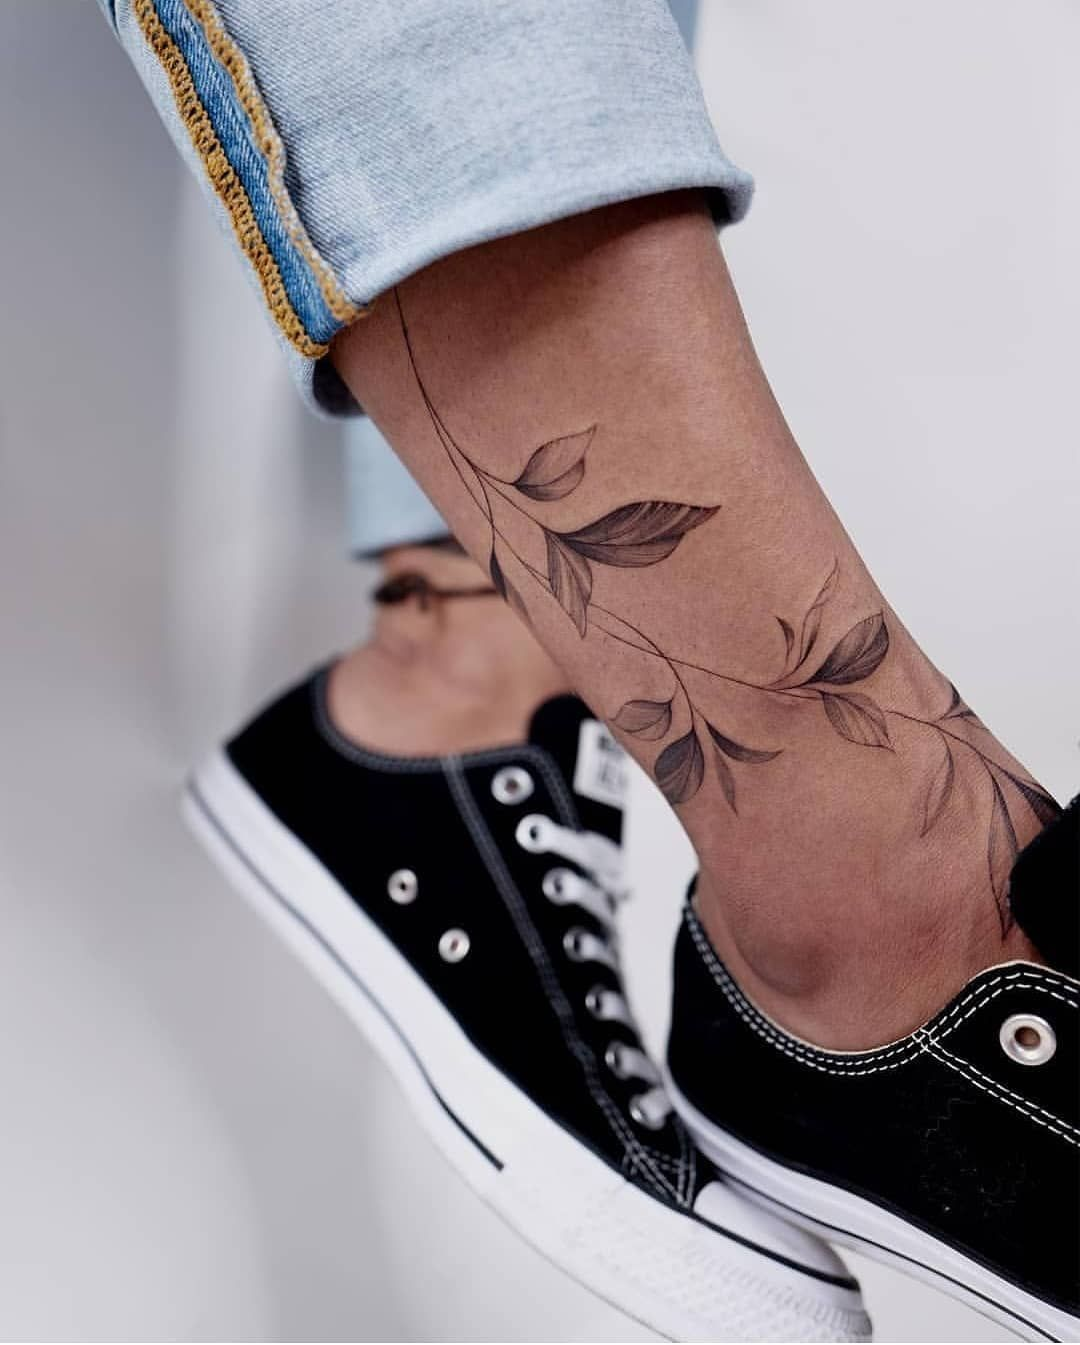 """INKEDFET INSPIRATION TATTOOS® auf Instagram: """"Was denkst du über dieses Tattoo …   – My Blog"""